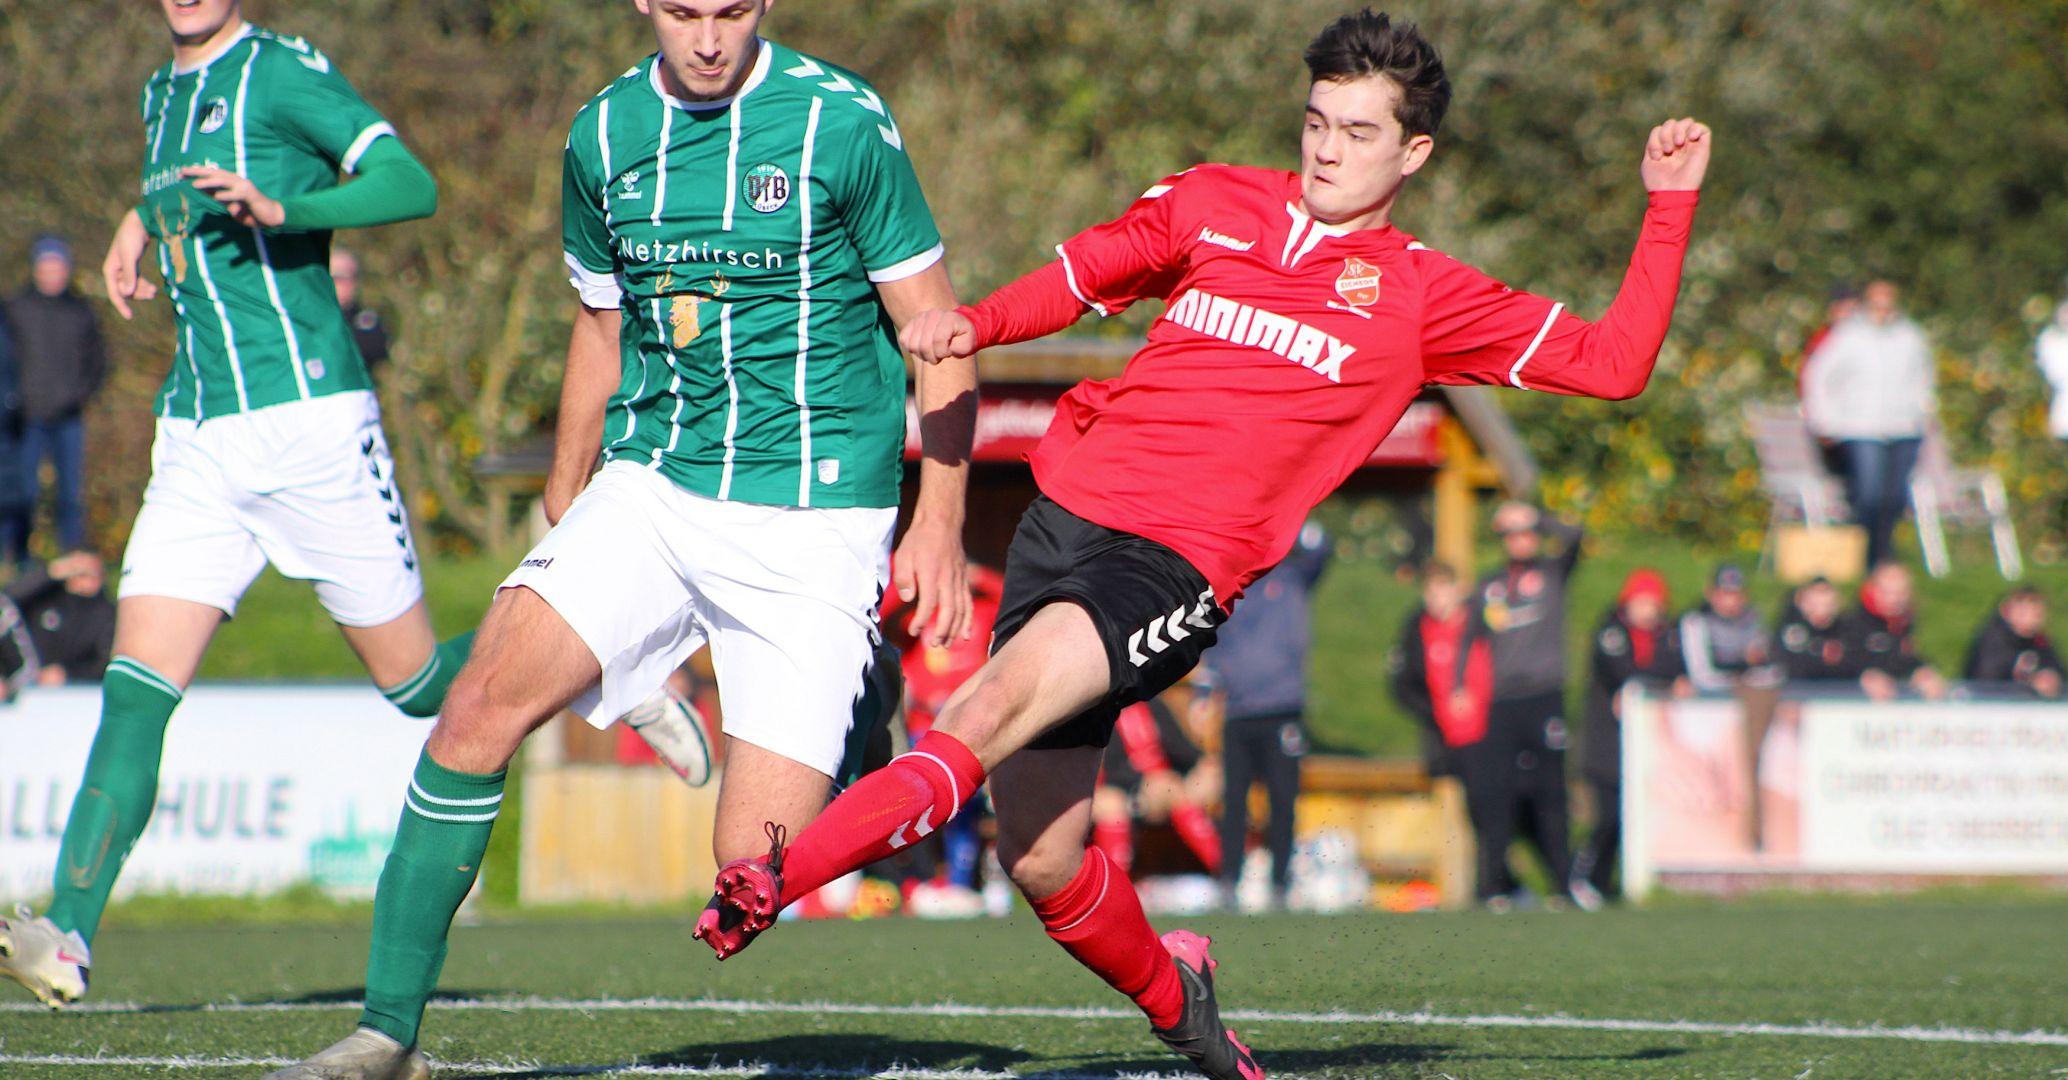 Nach 4:4-Remis beim VfB Lübeck: U19 des SV Eichede Überwintert auf Platz zwei